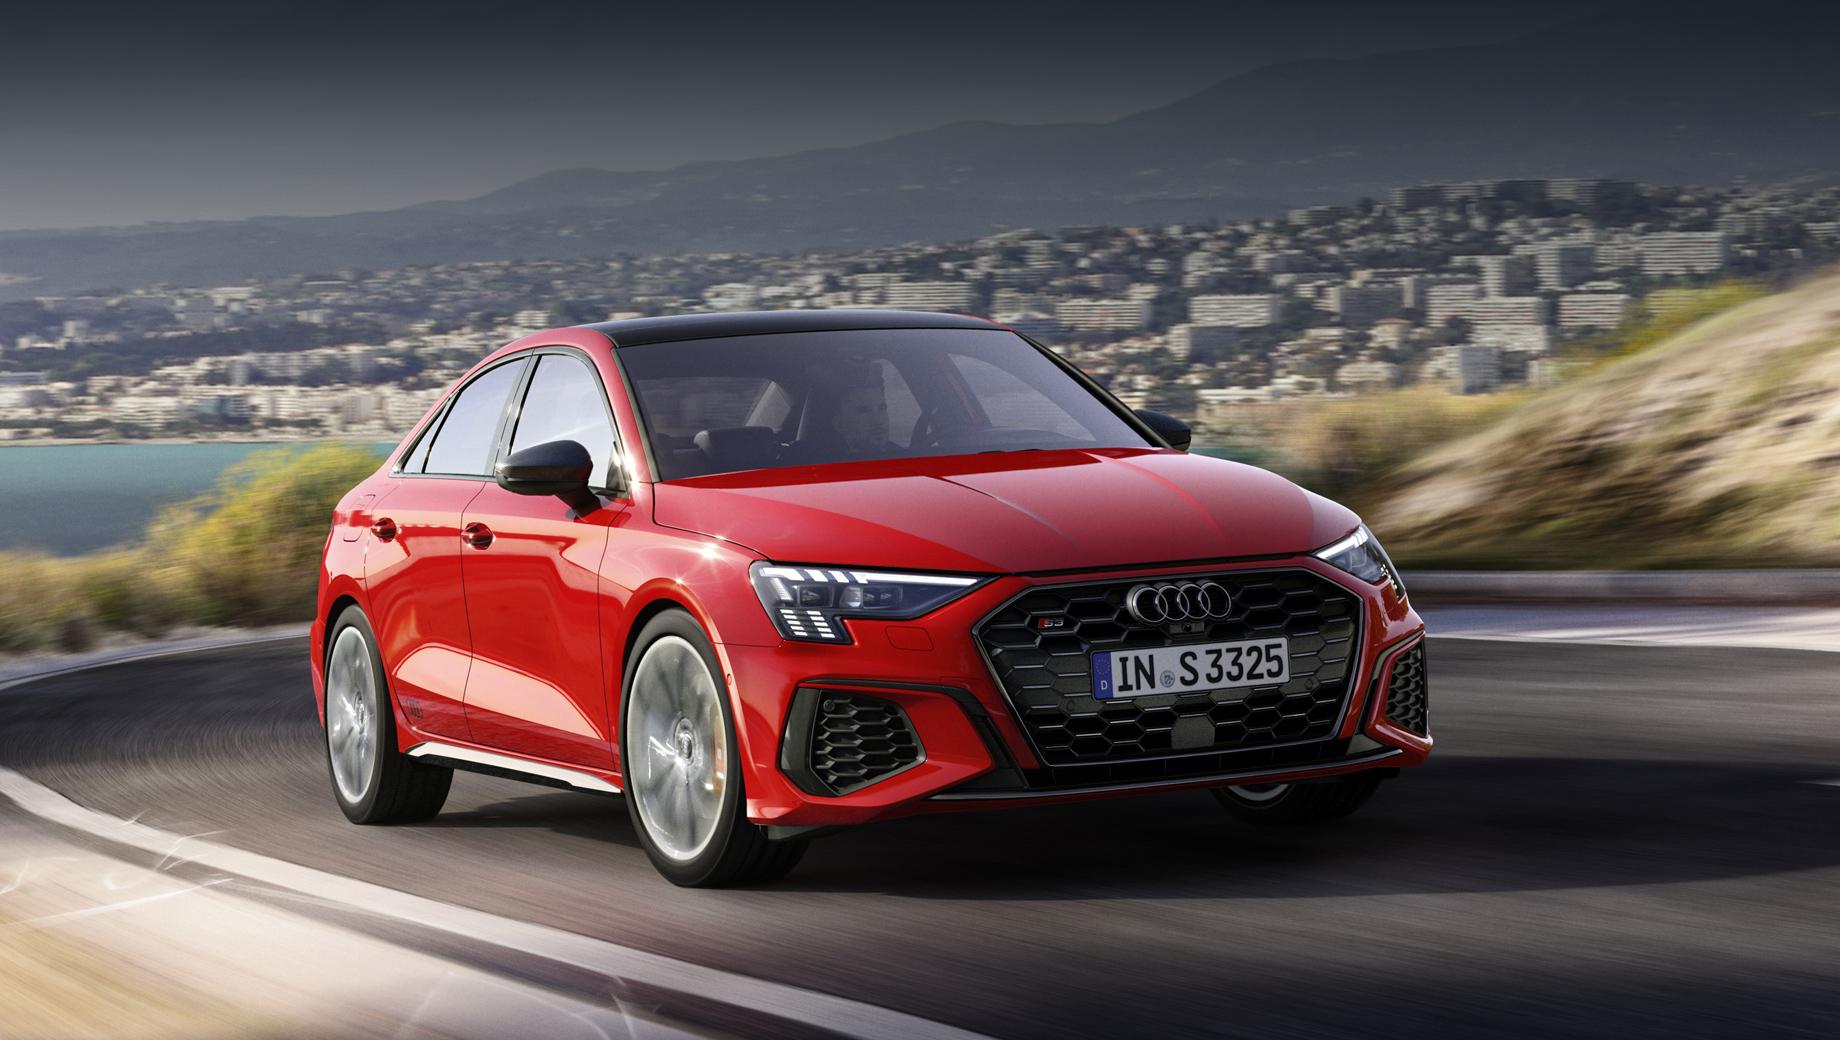 Audi a3,Audi s3,Audi s3 sportback,Audi s3 sedan. В штатное оснащение вошли прогрессивное рулевое управление, полный привод quattro, спортивная подвеска S, 18-дюймовые легкосплавные диски «5 двойных спиц V» серого цвета, светодиодная оптика, в том числе фонари с динамическими поворотниками.